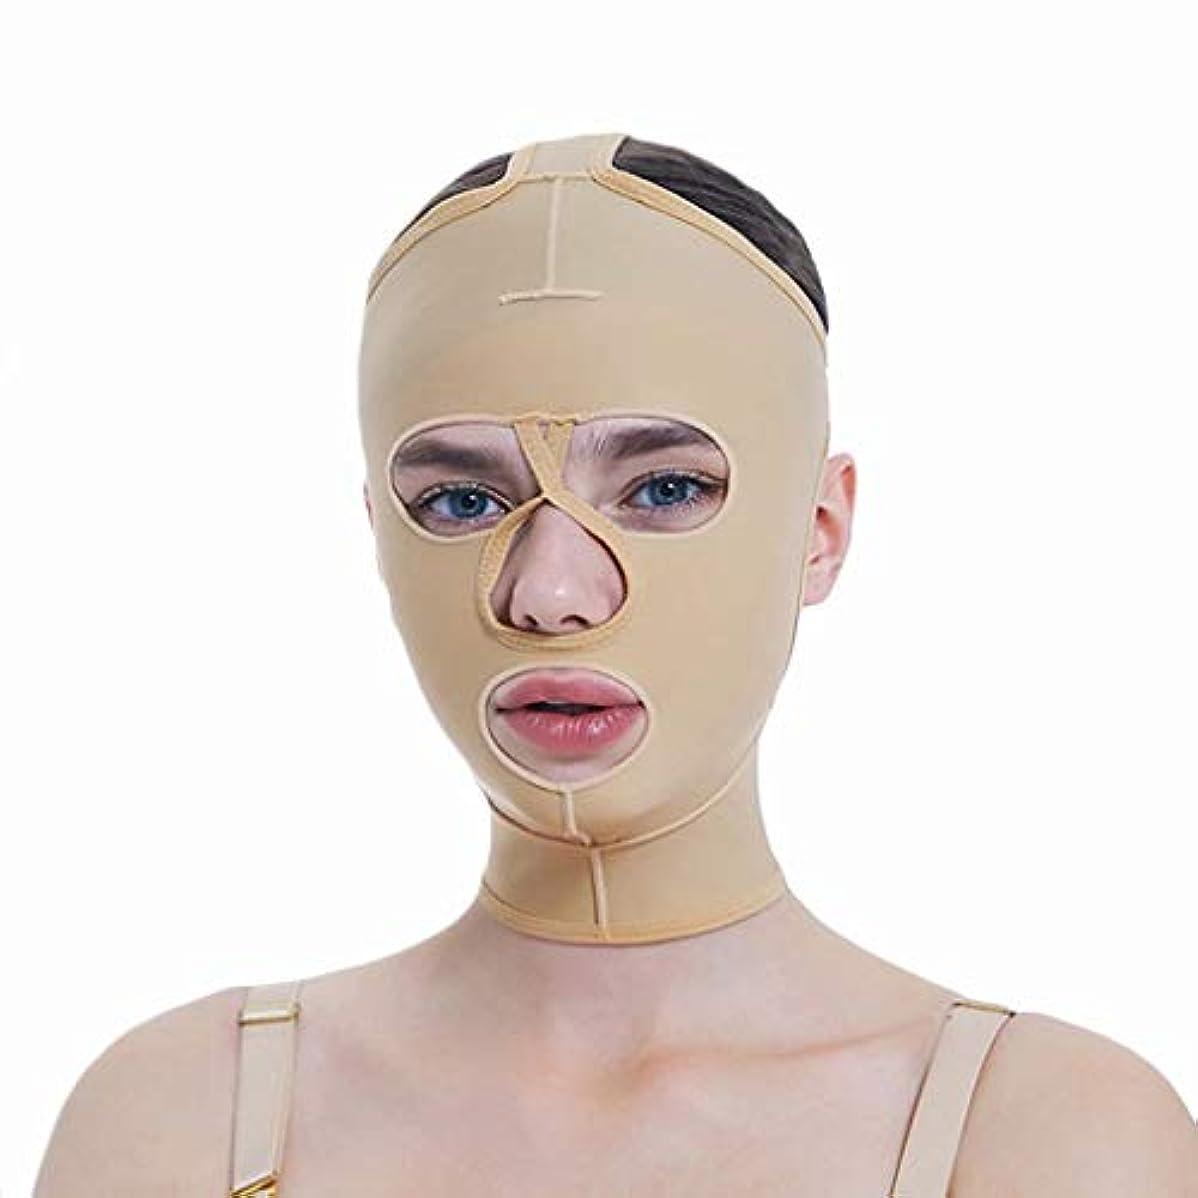 マチュピチュ命題定義フェイシャル減量マスク、フルカバレッジ包帯、フルフェイスリフティングマスク、フェイスマスク、快適で リフティングシェーピング(サイズ:S),XS